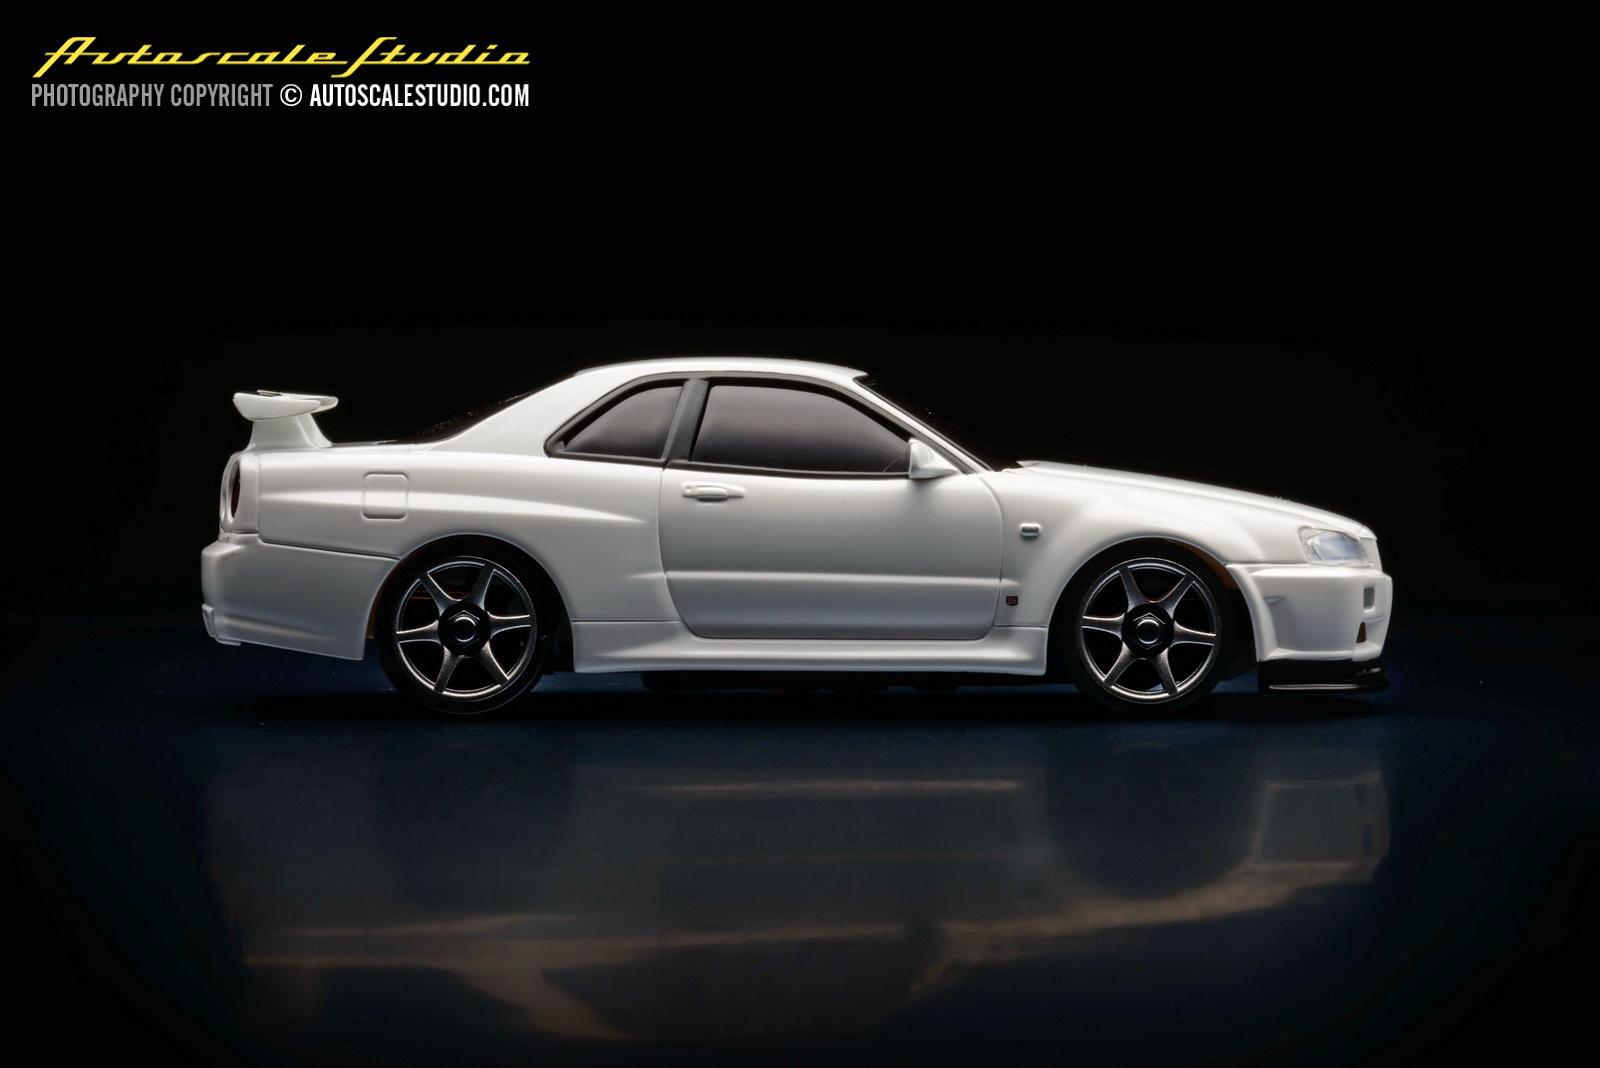 Mzp401w Nissan Skyline Gt R V Spec Ii N 252 R White